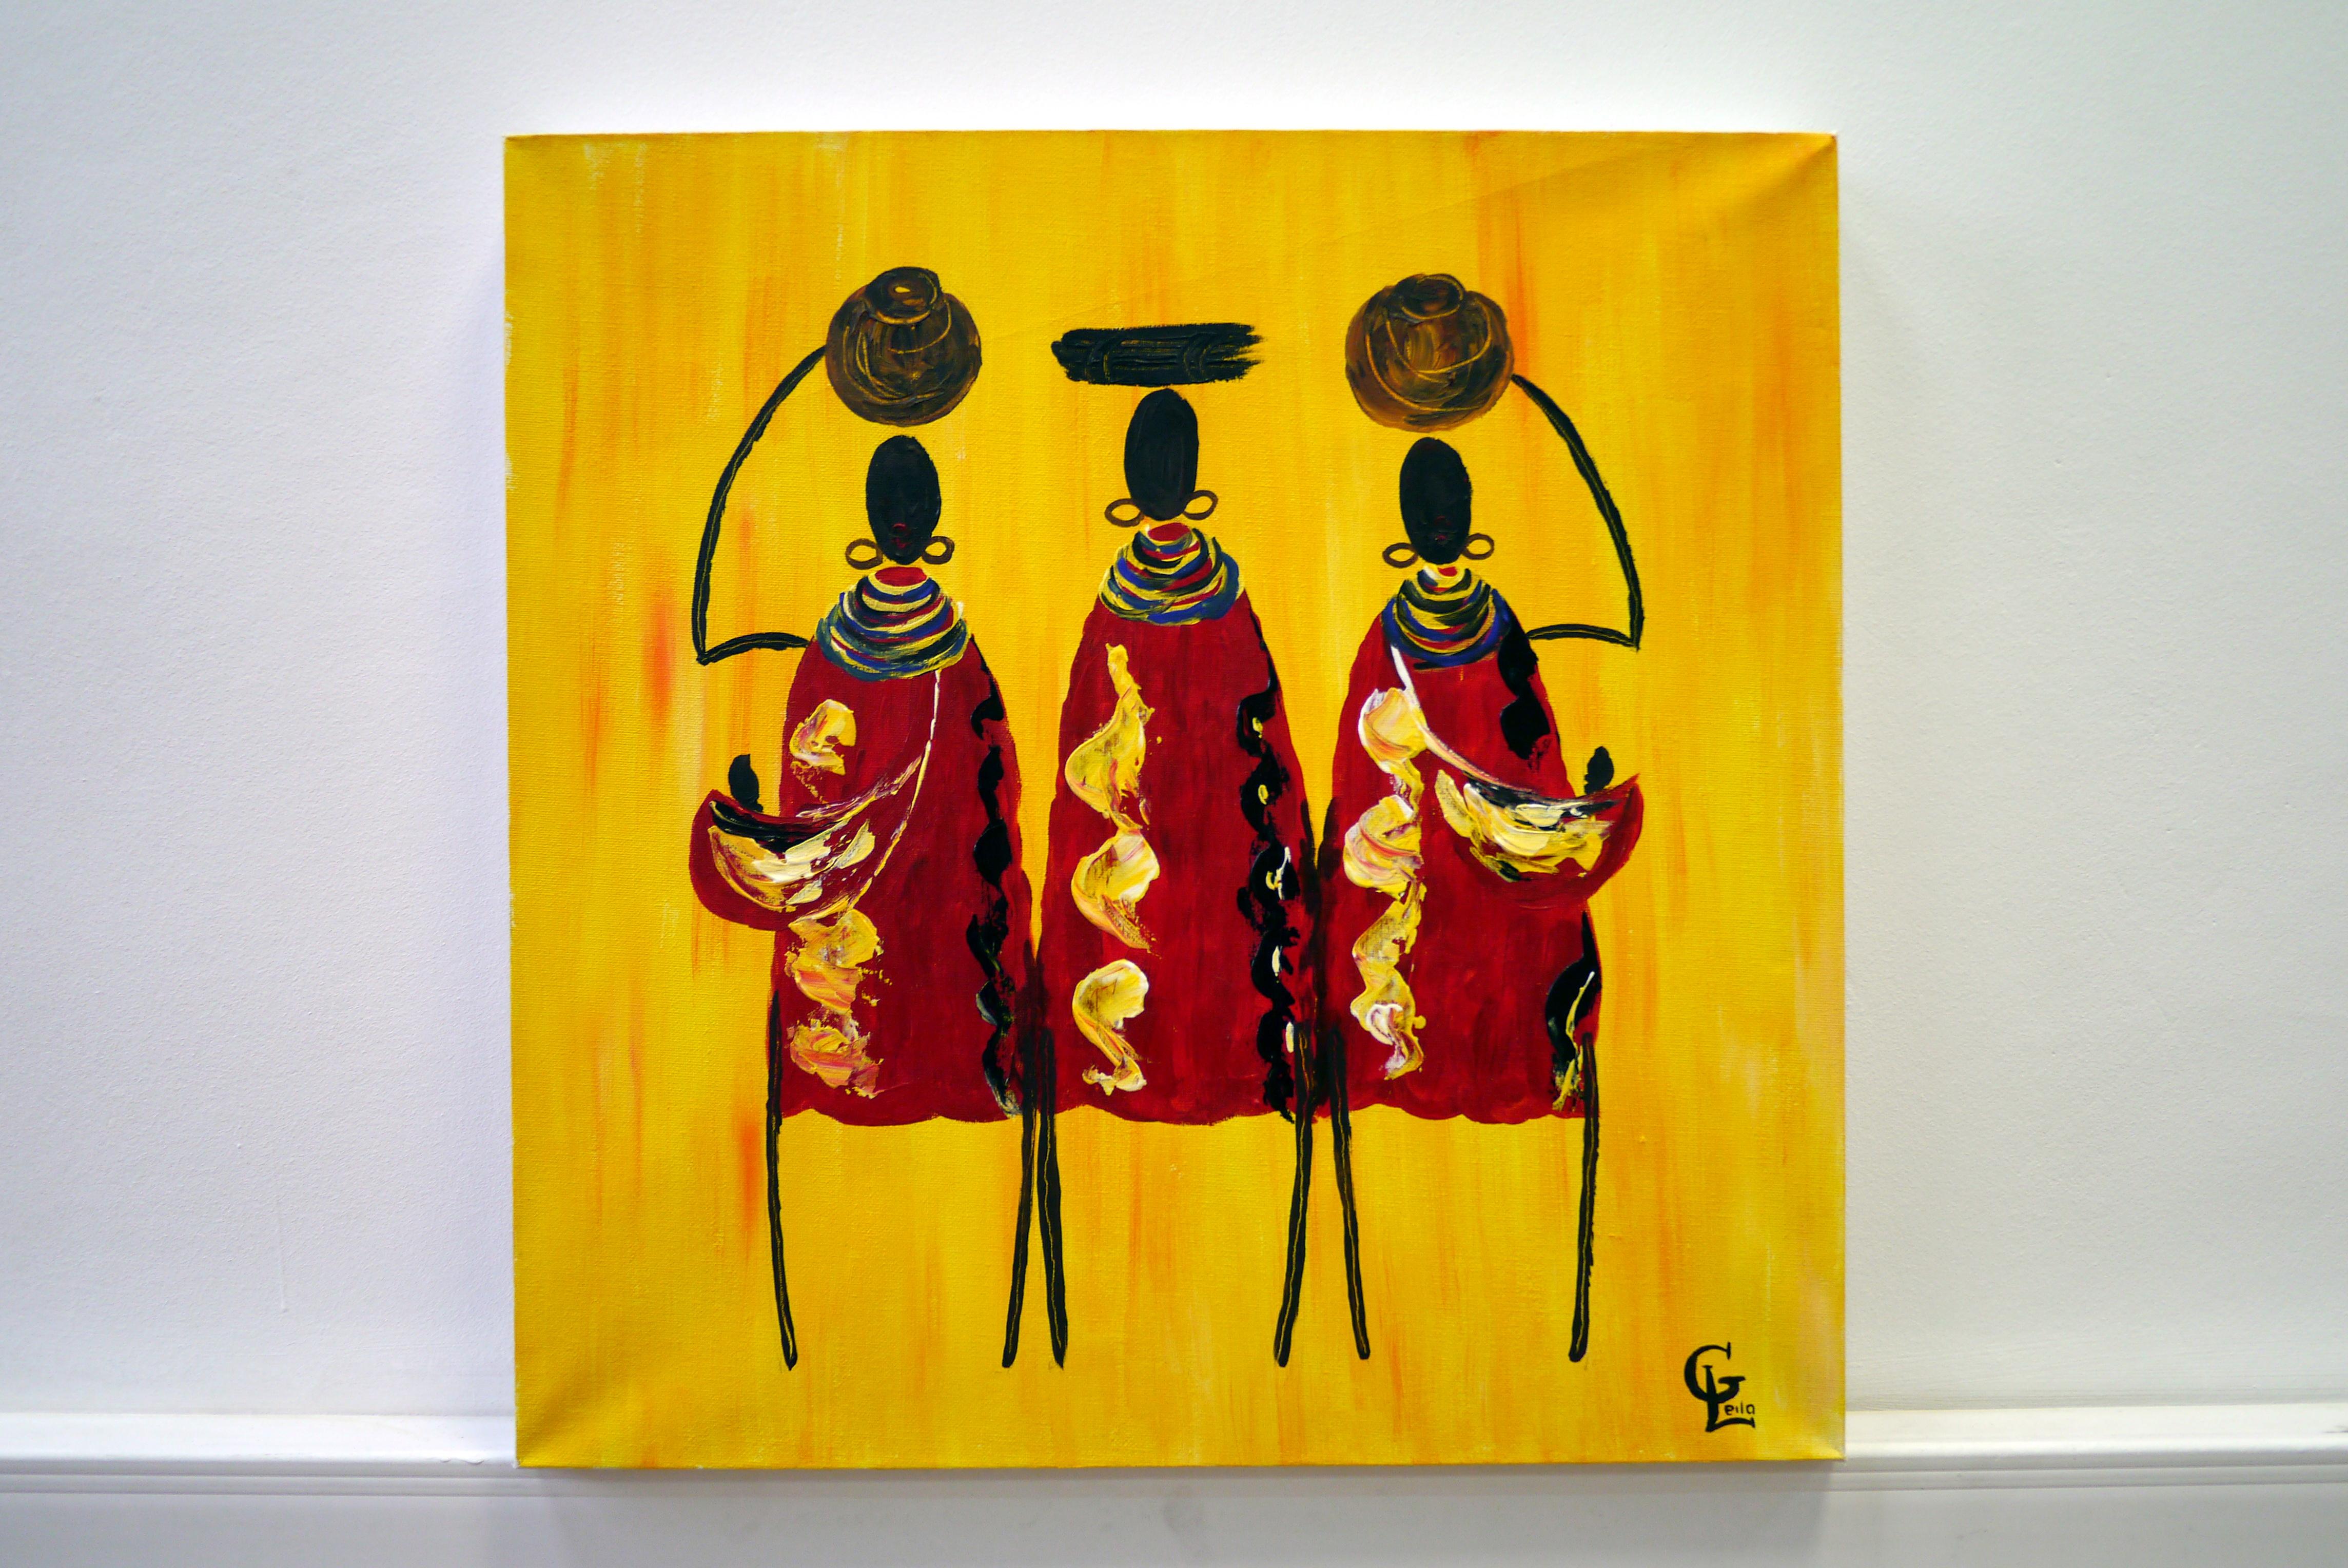 Гаджиева Лейла Африканская семья 50х50 холст, акрил